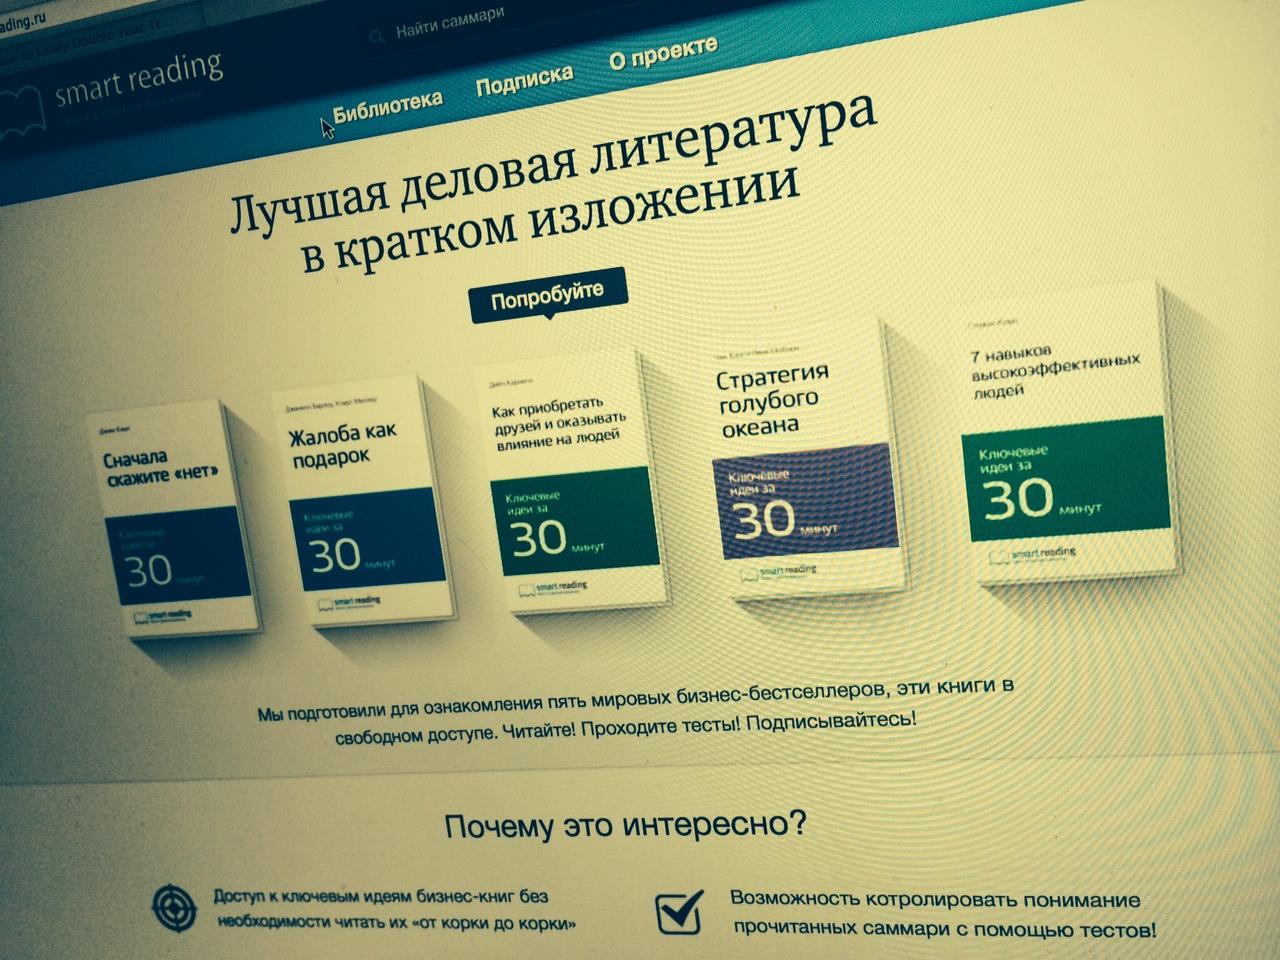 Михаил Иванов поможет читать лучшие книги за 30 минут